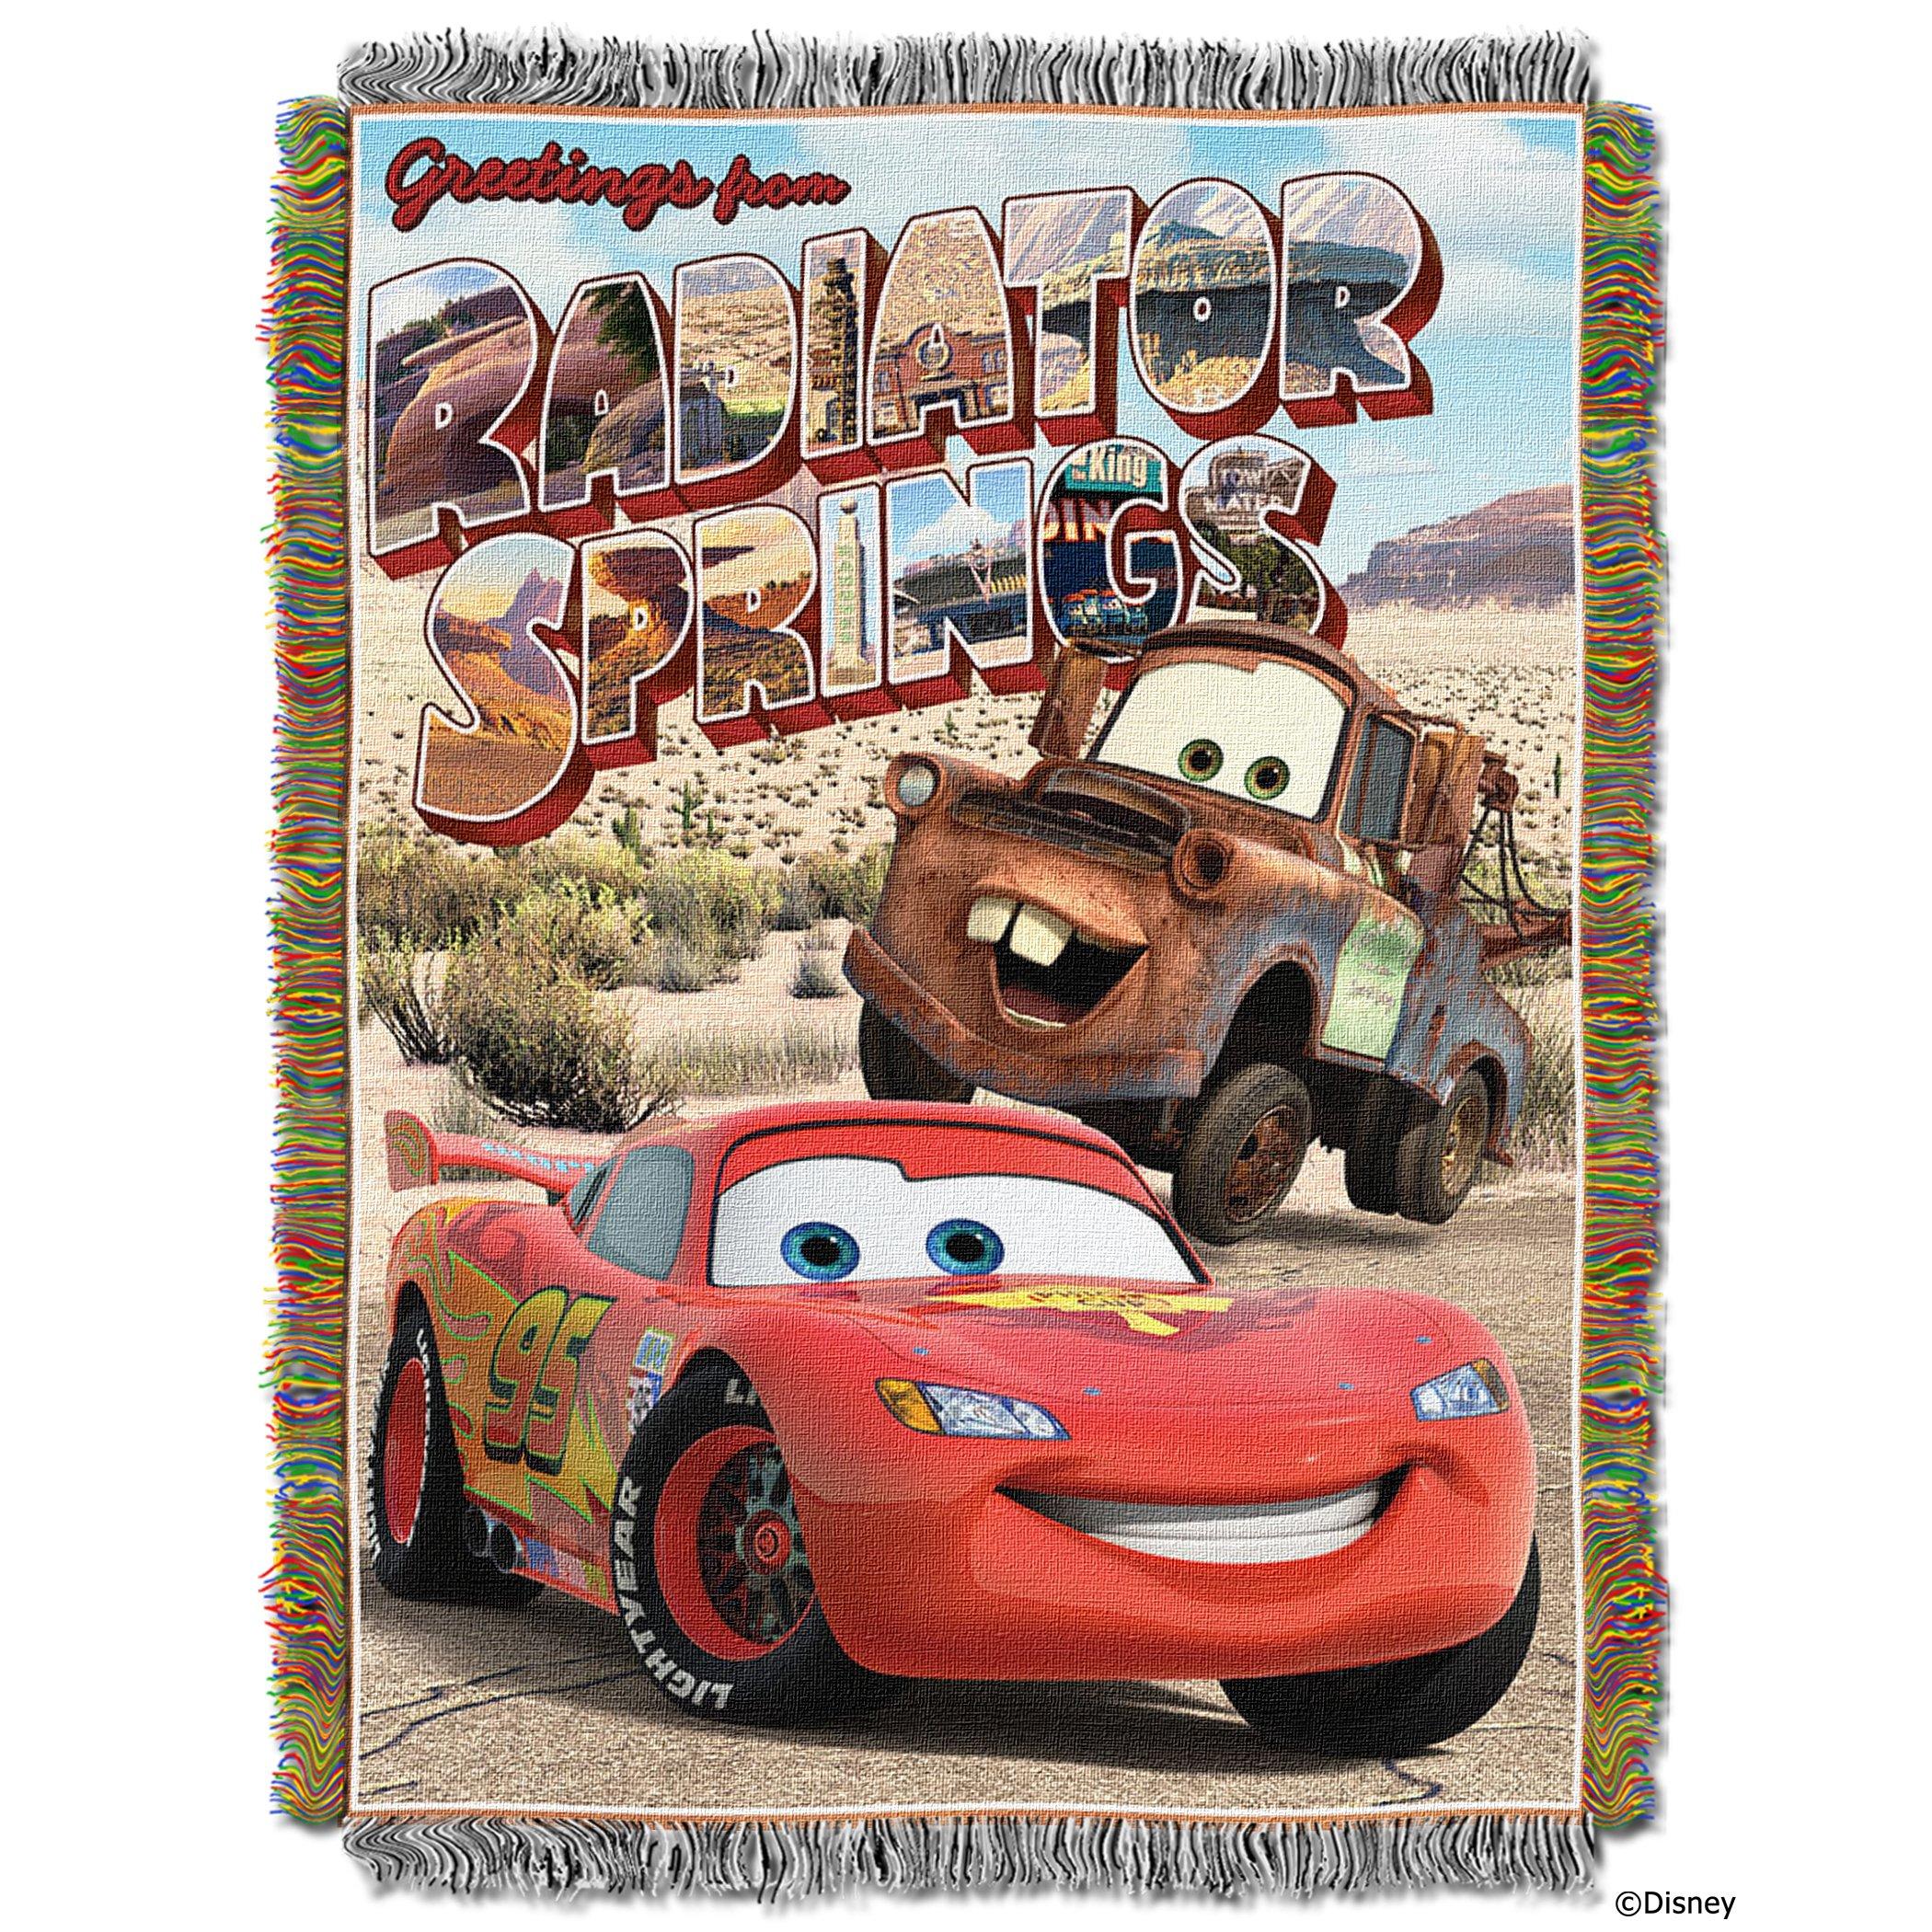 Disney-Pixar's Cars, ''Greetings from Radiator Springs'' Woven Tapestry Throw Blanket, 48'' x 60'', Multi Color by Disney Pixar